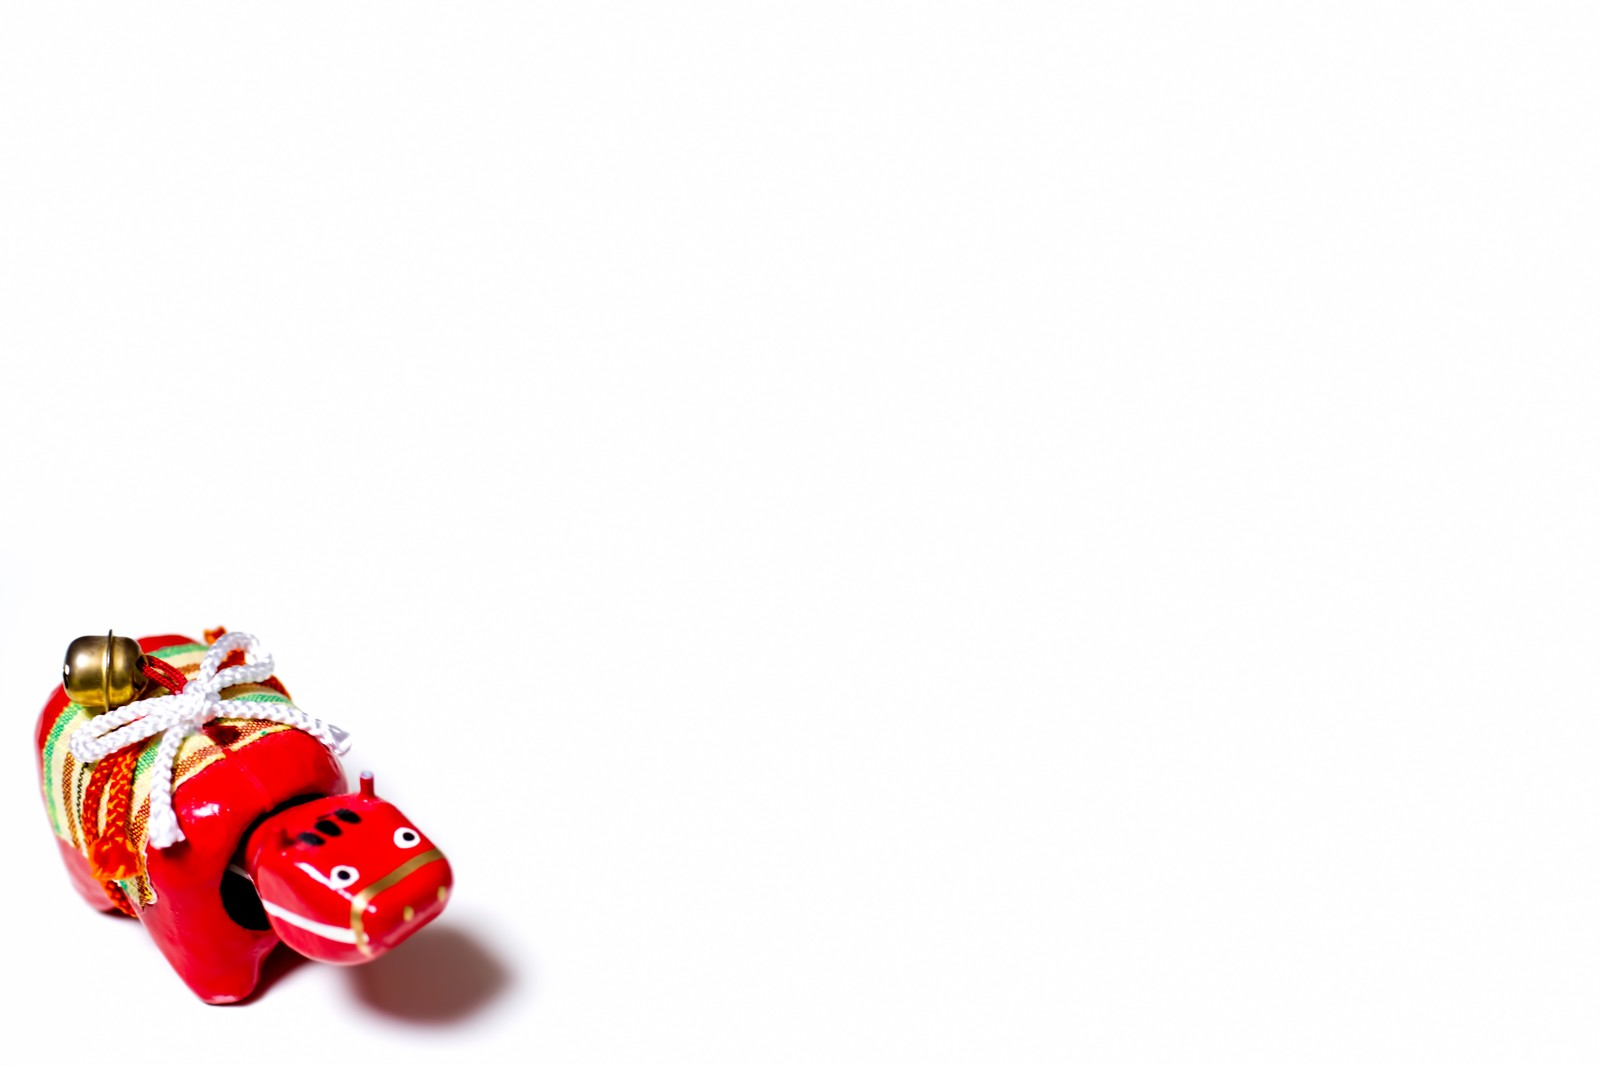 「赤べこ一匹赤べこ一匹」のフリー写真素材を拡大